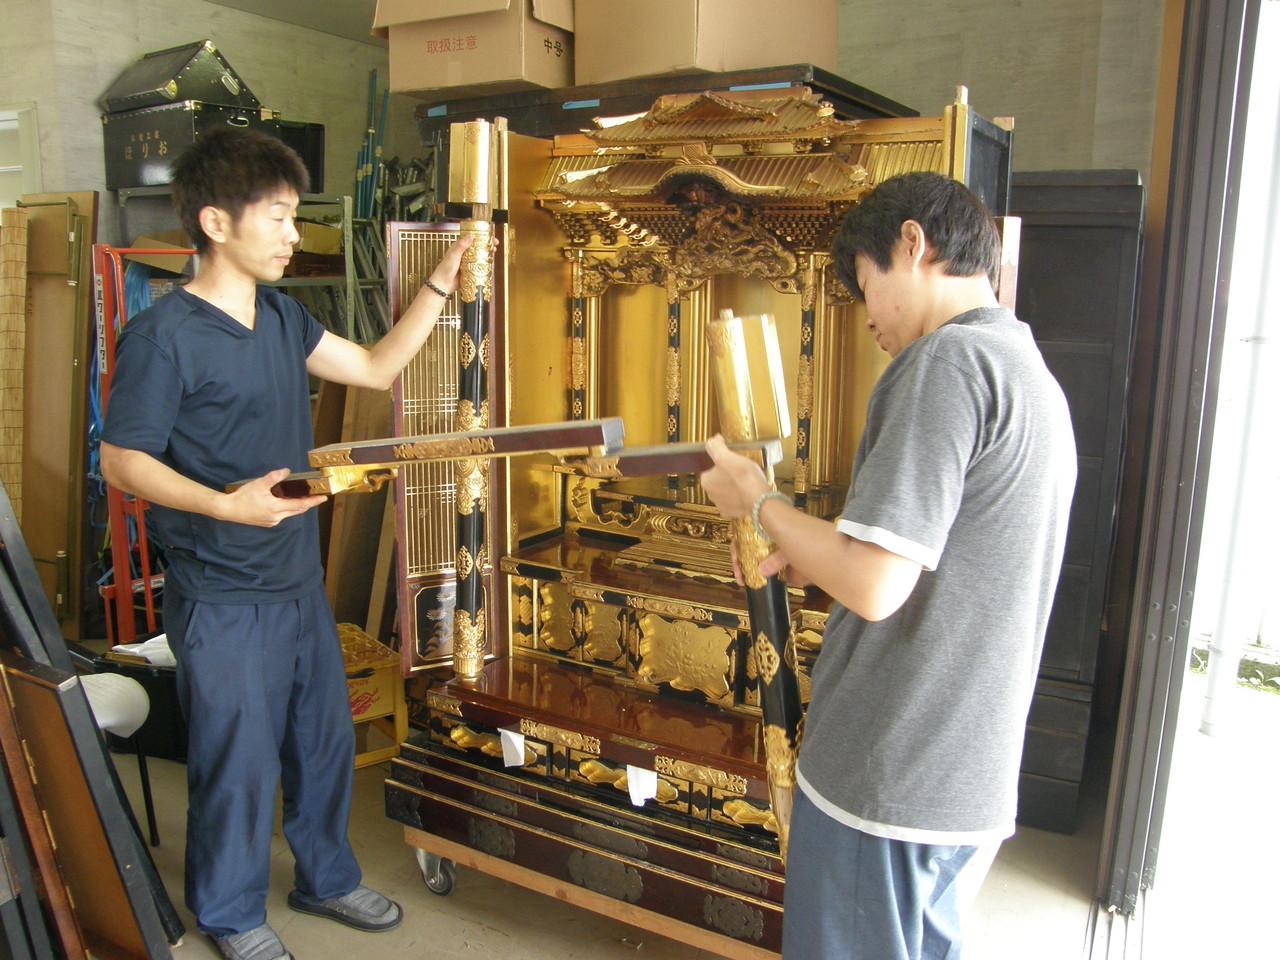 仏壇洗濯・修理 前柱のほぞを上へ抜く、長押も倒さないように外す。